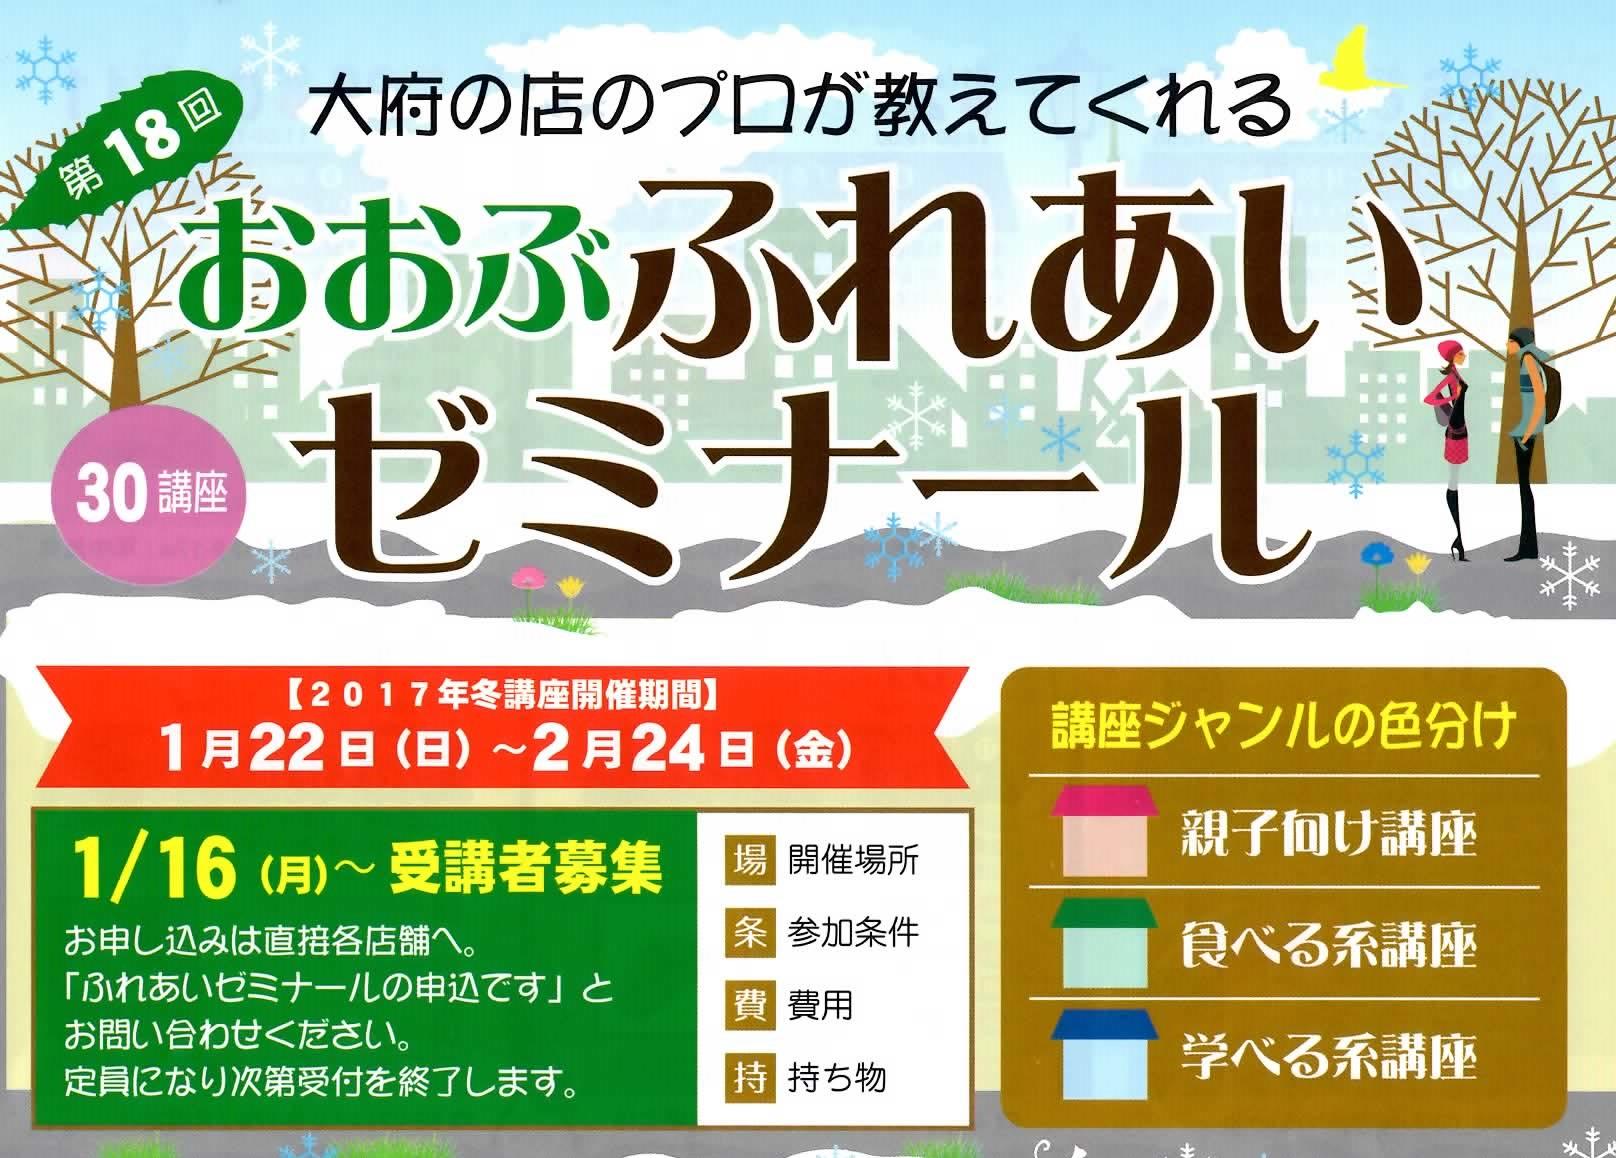 「おおぶ ふれあいゼミナール冬講座」が開催されます!_f0139333_202423100.jpg